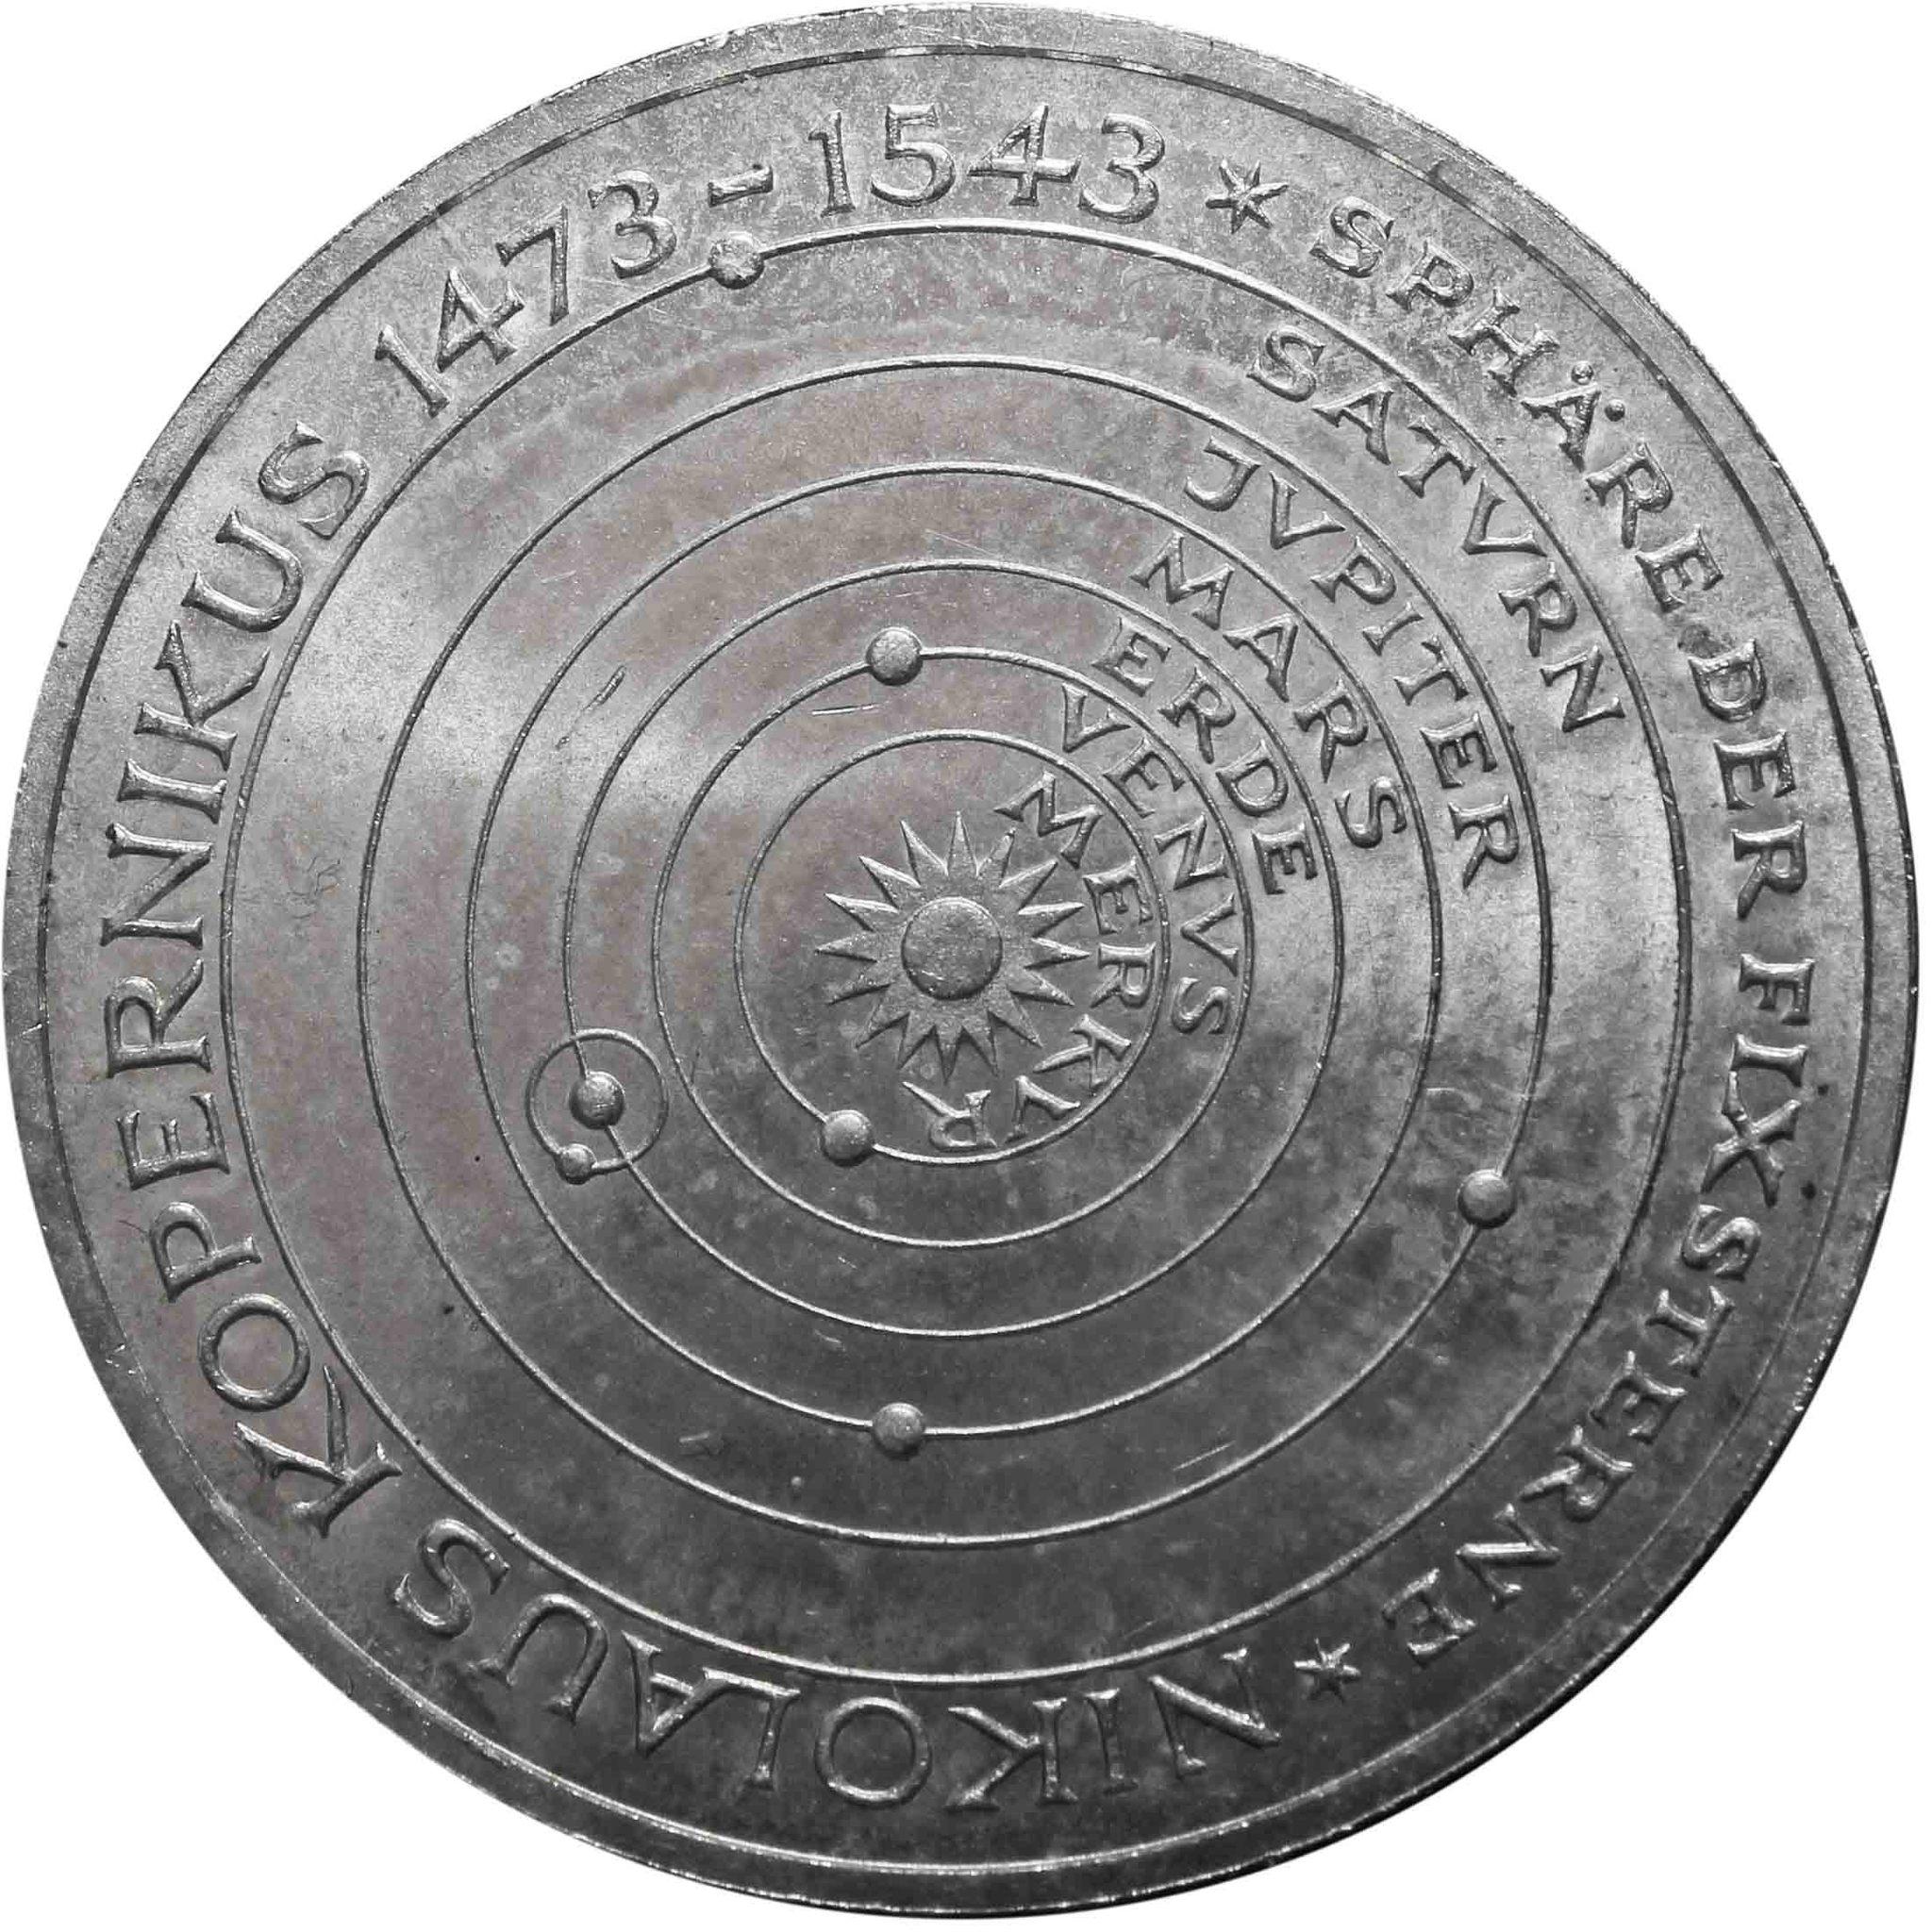 5 марок. 500 лет со дня рождения Николая Коперника. Германия. (J). Серебро. 1973 год. AU